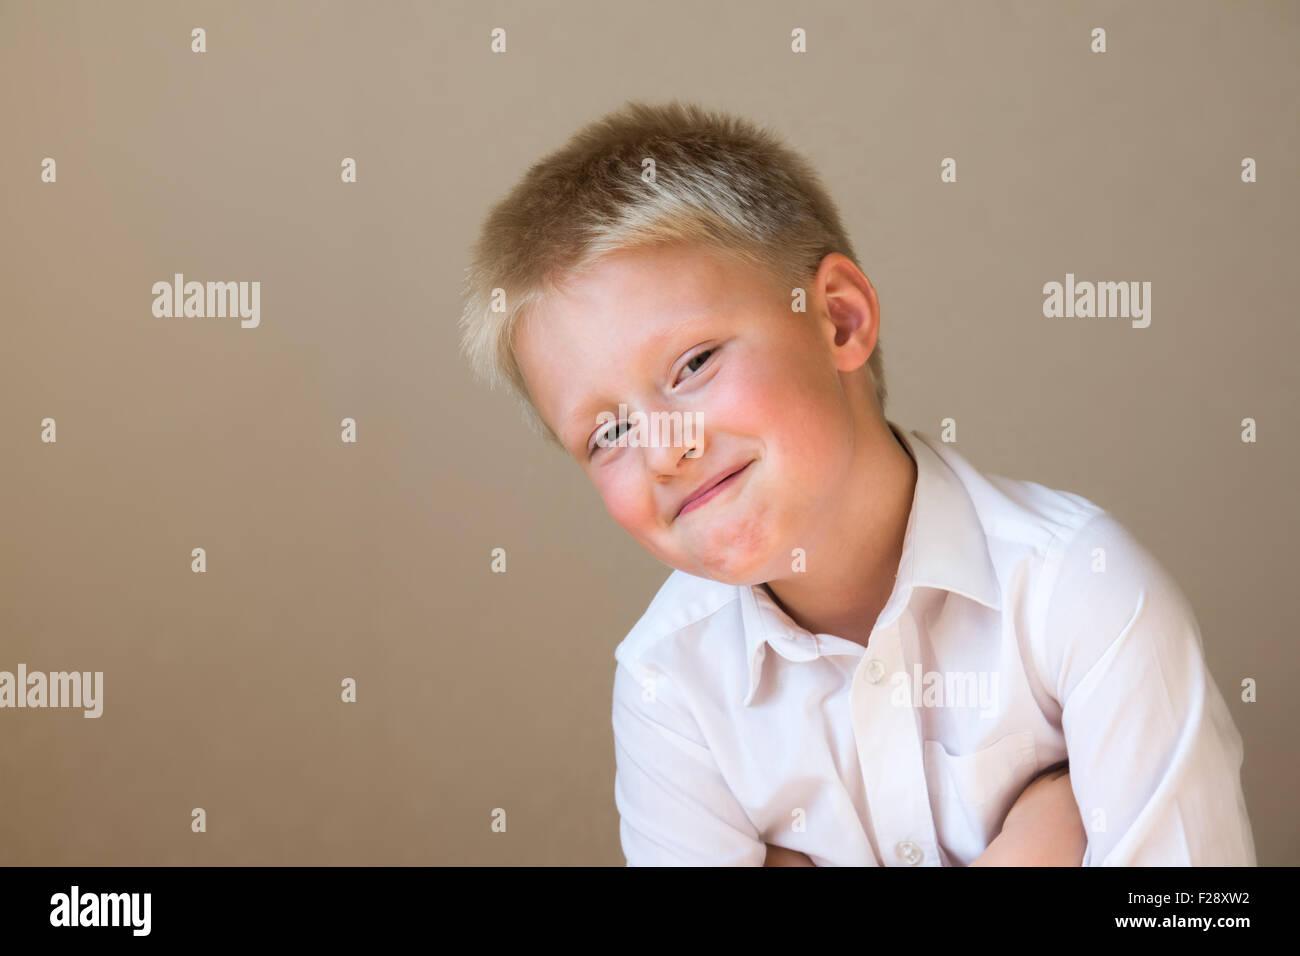 Astucia sly feliz sonriente niño inteligente muchacho sobre fondo gris Imagen De Stock